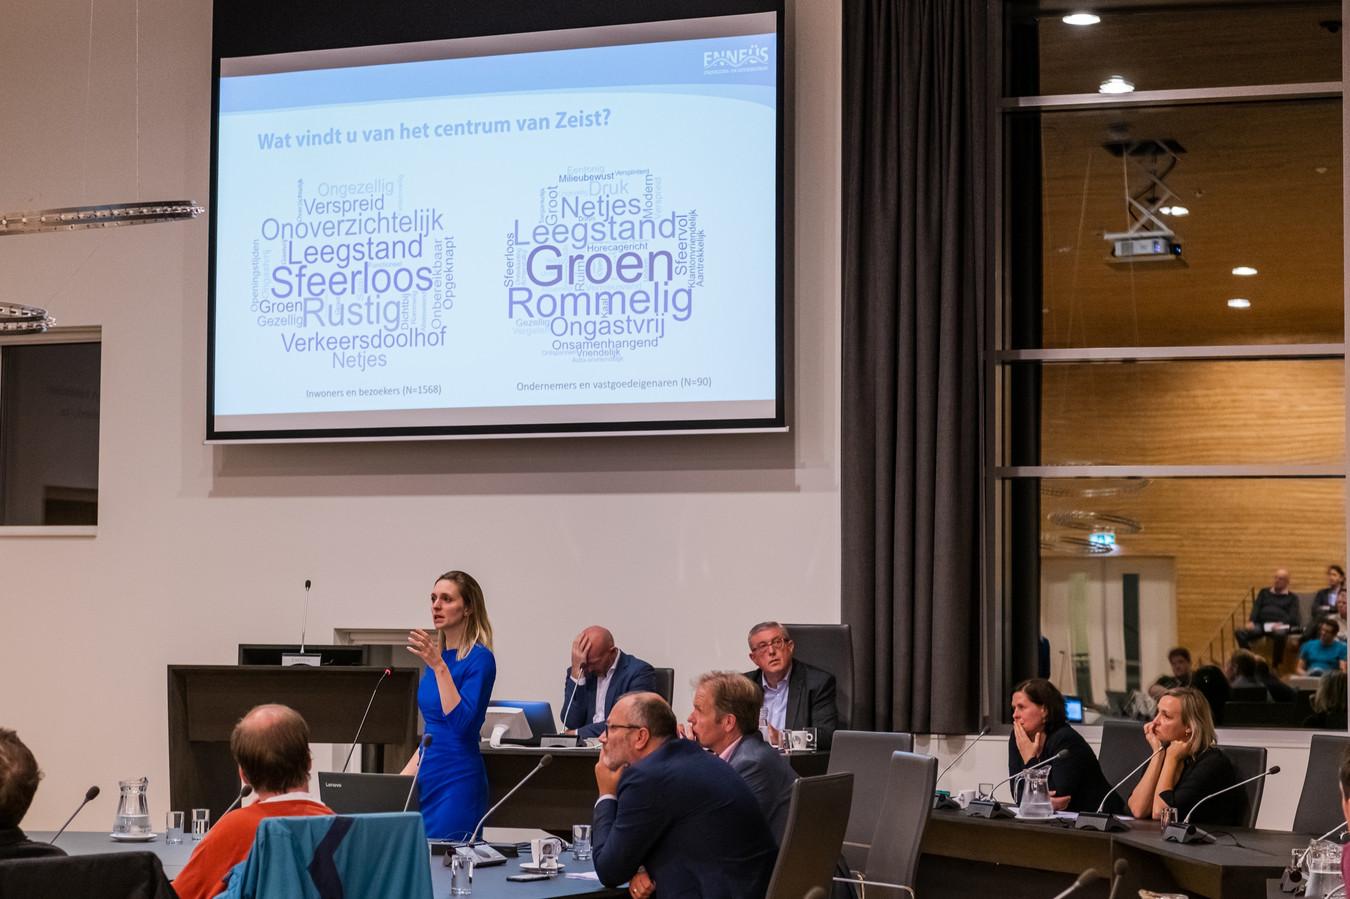 Beeld van de presentatie van het onderzoek van Bureau Enneüs naar het centrum van Zeist. FOTO MEL BOAS